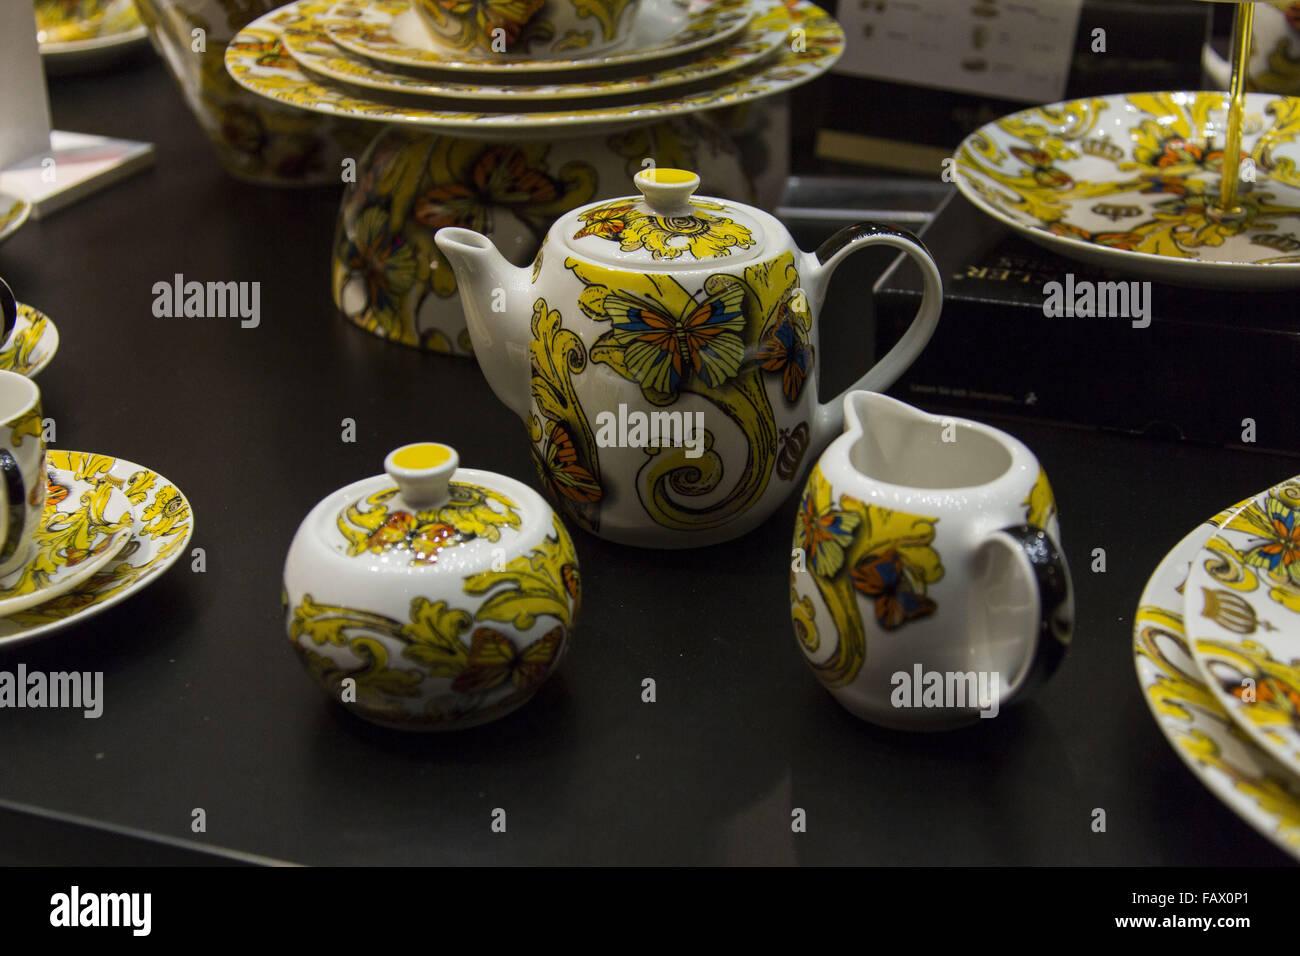 Beeindruckend Möbelhaus Hamburg Hamburg Sammlung Von Harald Gloeoeckler Presents His New Porcelain Collection